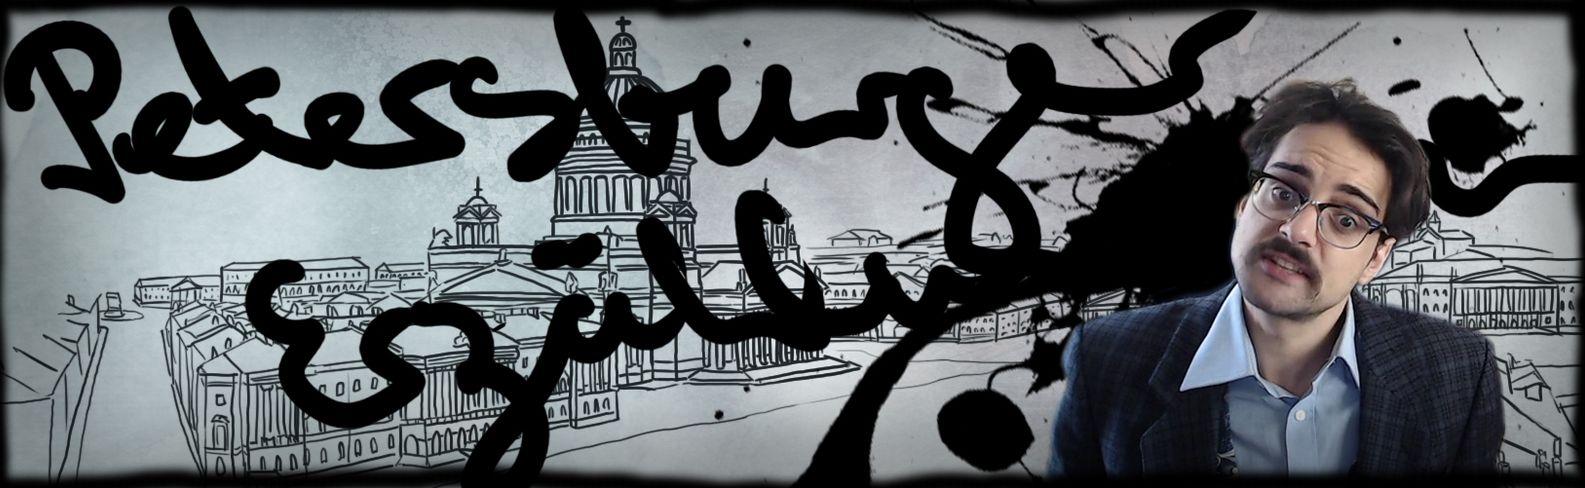 Sankt Petersburger Erzählungen - Veranstaltungsplakat